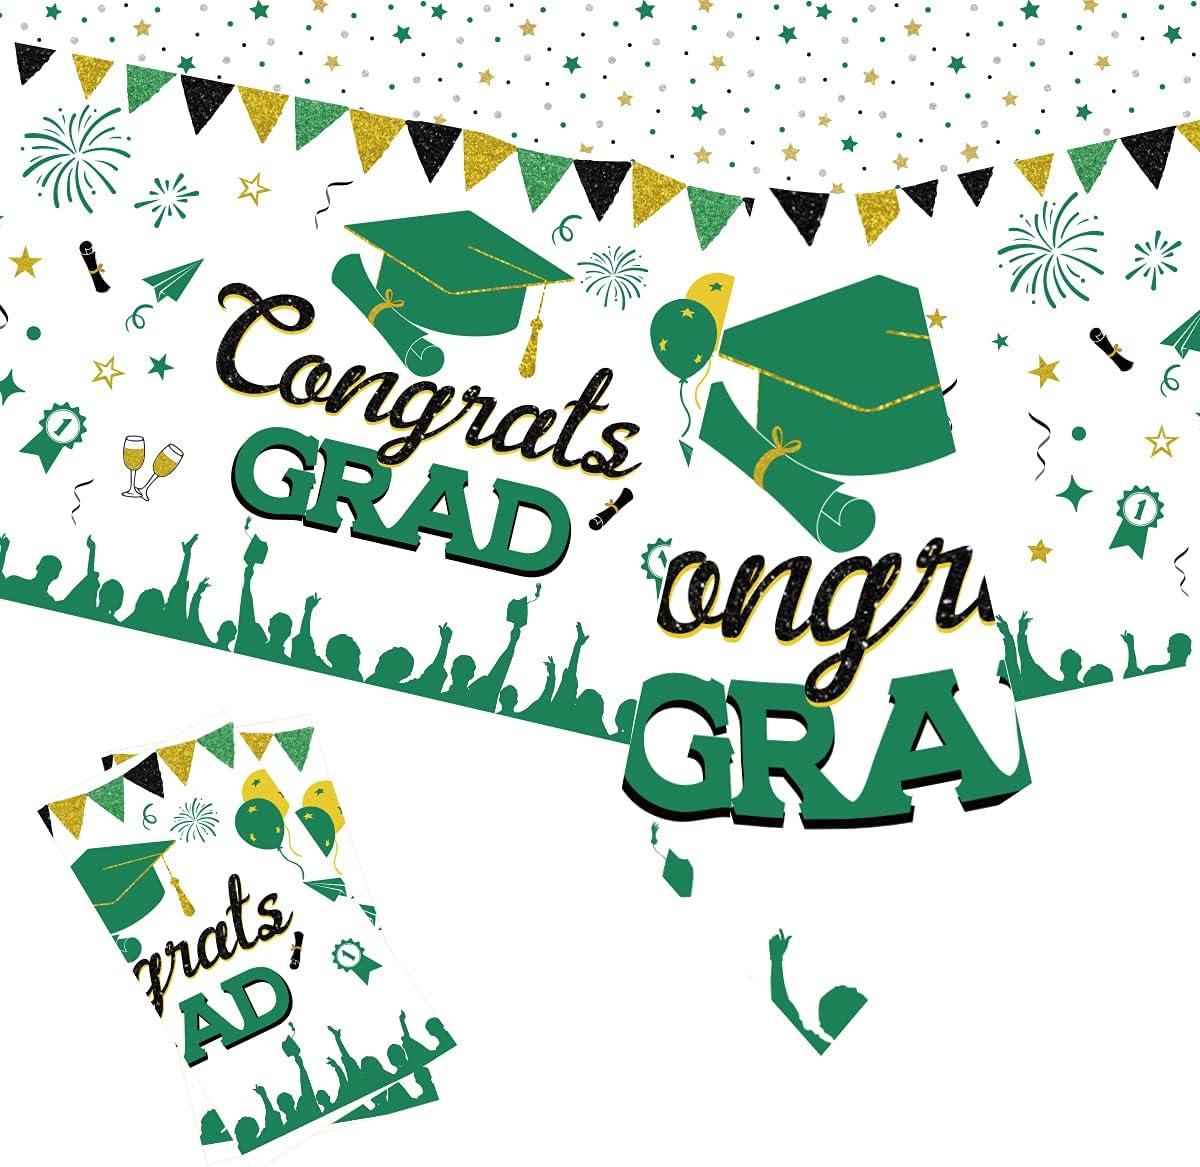 Mantel de graduación para mesas rectangulares Verde y Negro, Paquete de 2 Fundas de plástico para mesas de graduación de 54